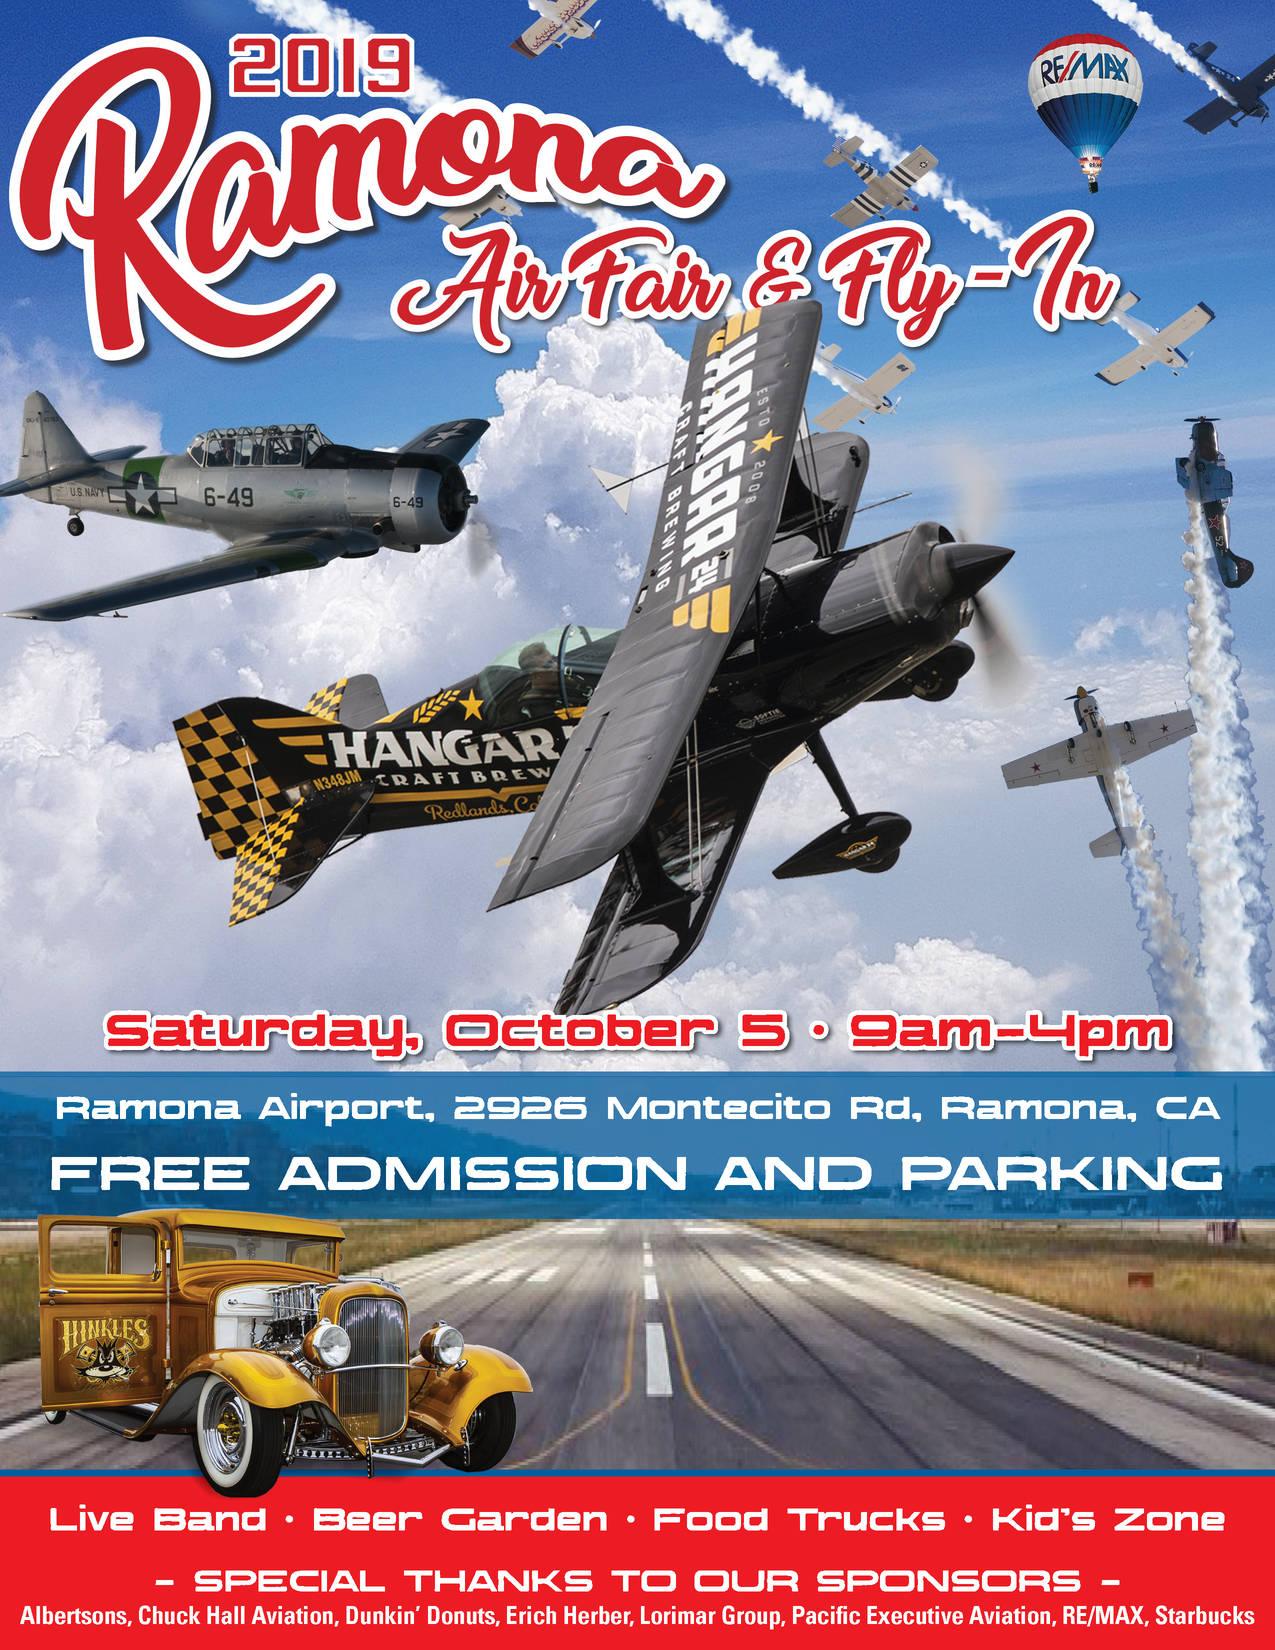 2019 Ramona Air Fair Flyer.jpg